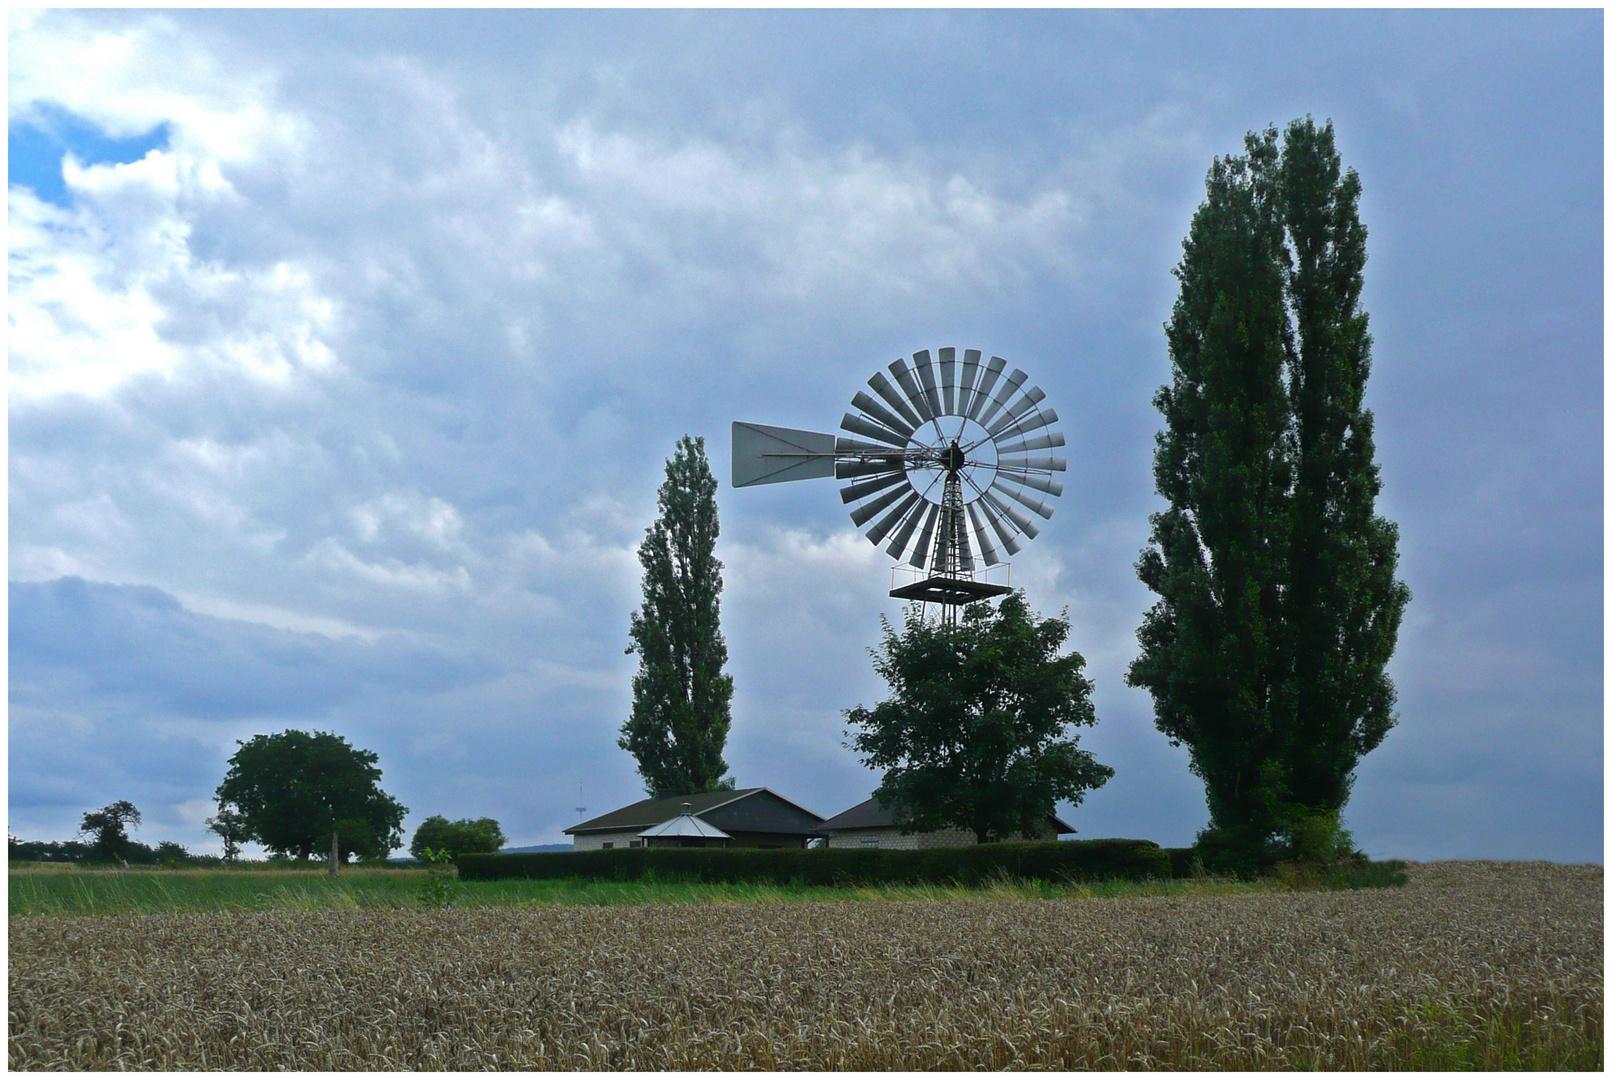 Windrad in Koblenz-Metternich (1)